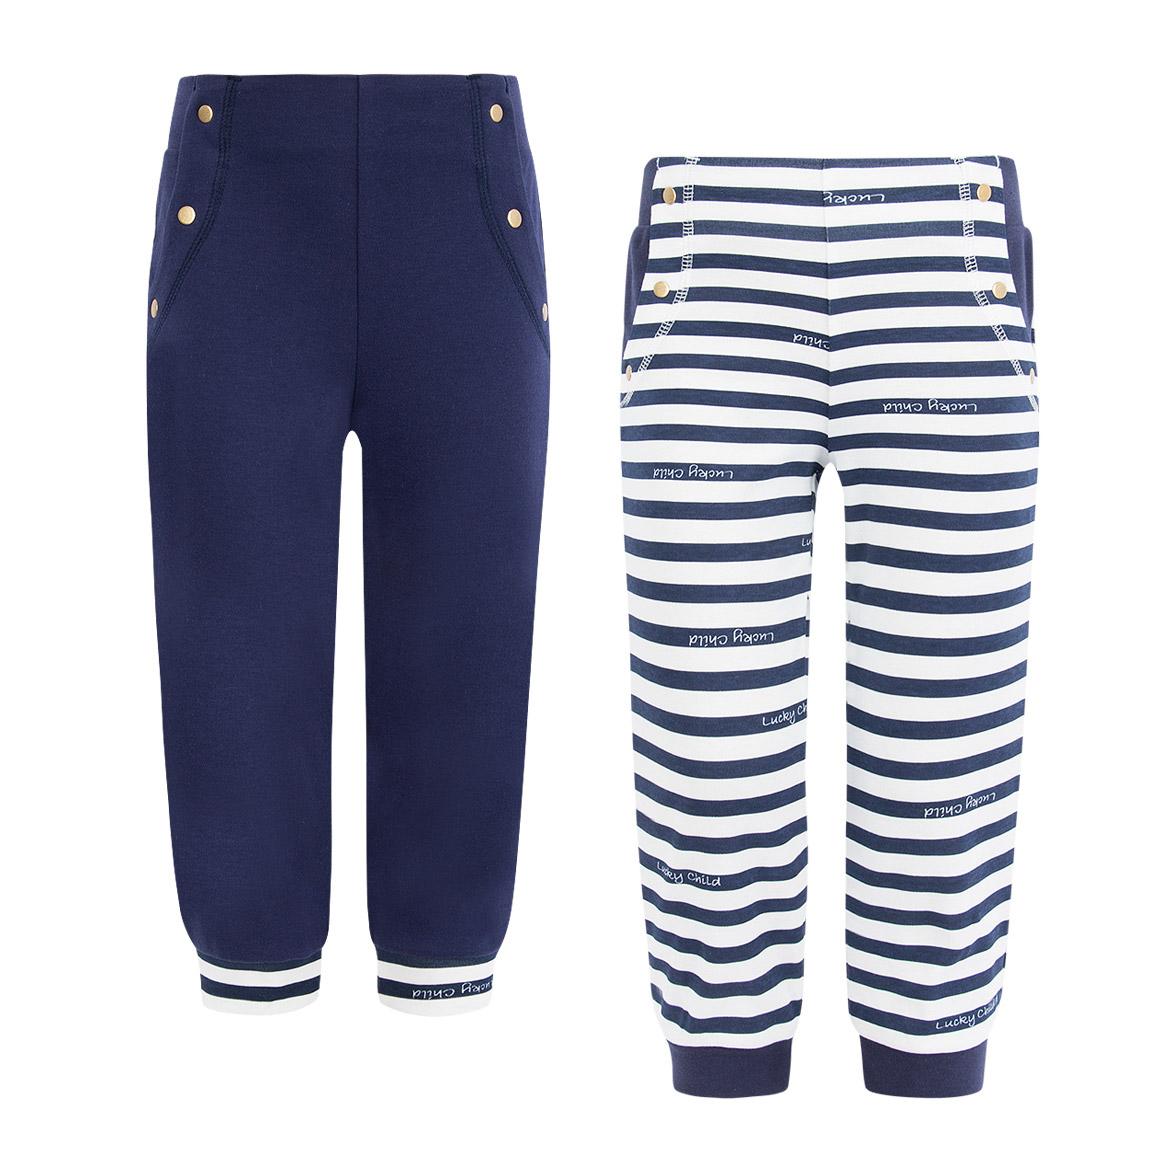 Купить Комплект брюк Lucky Child Лазурный берег 2 шт 116-122, Синий, Белый, Интерлок, Для девочек, Весна-Лето,